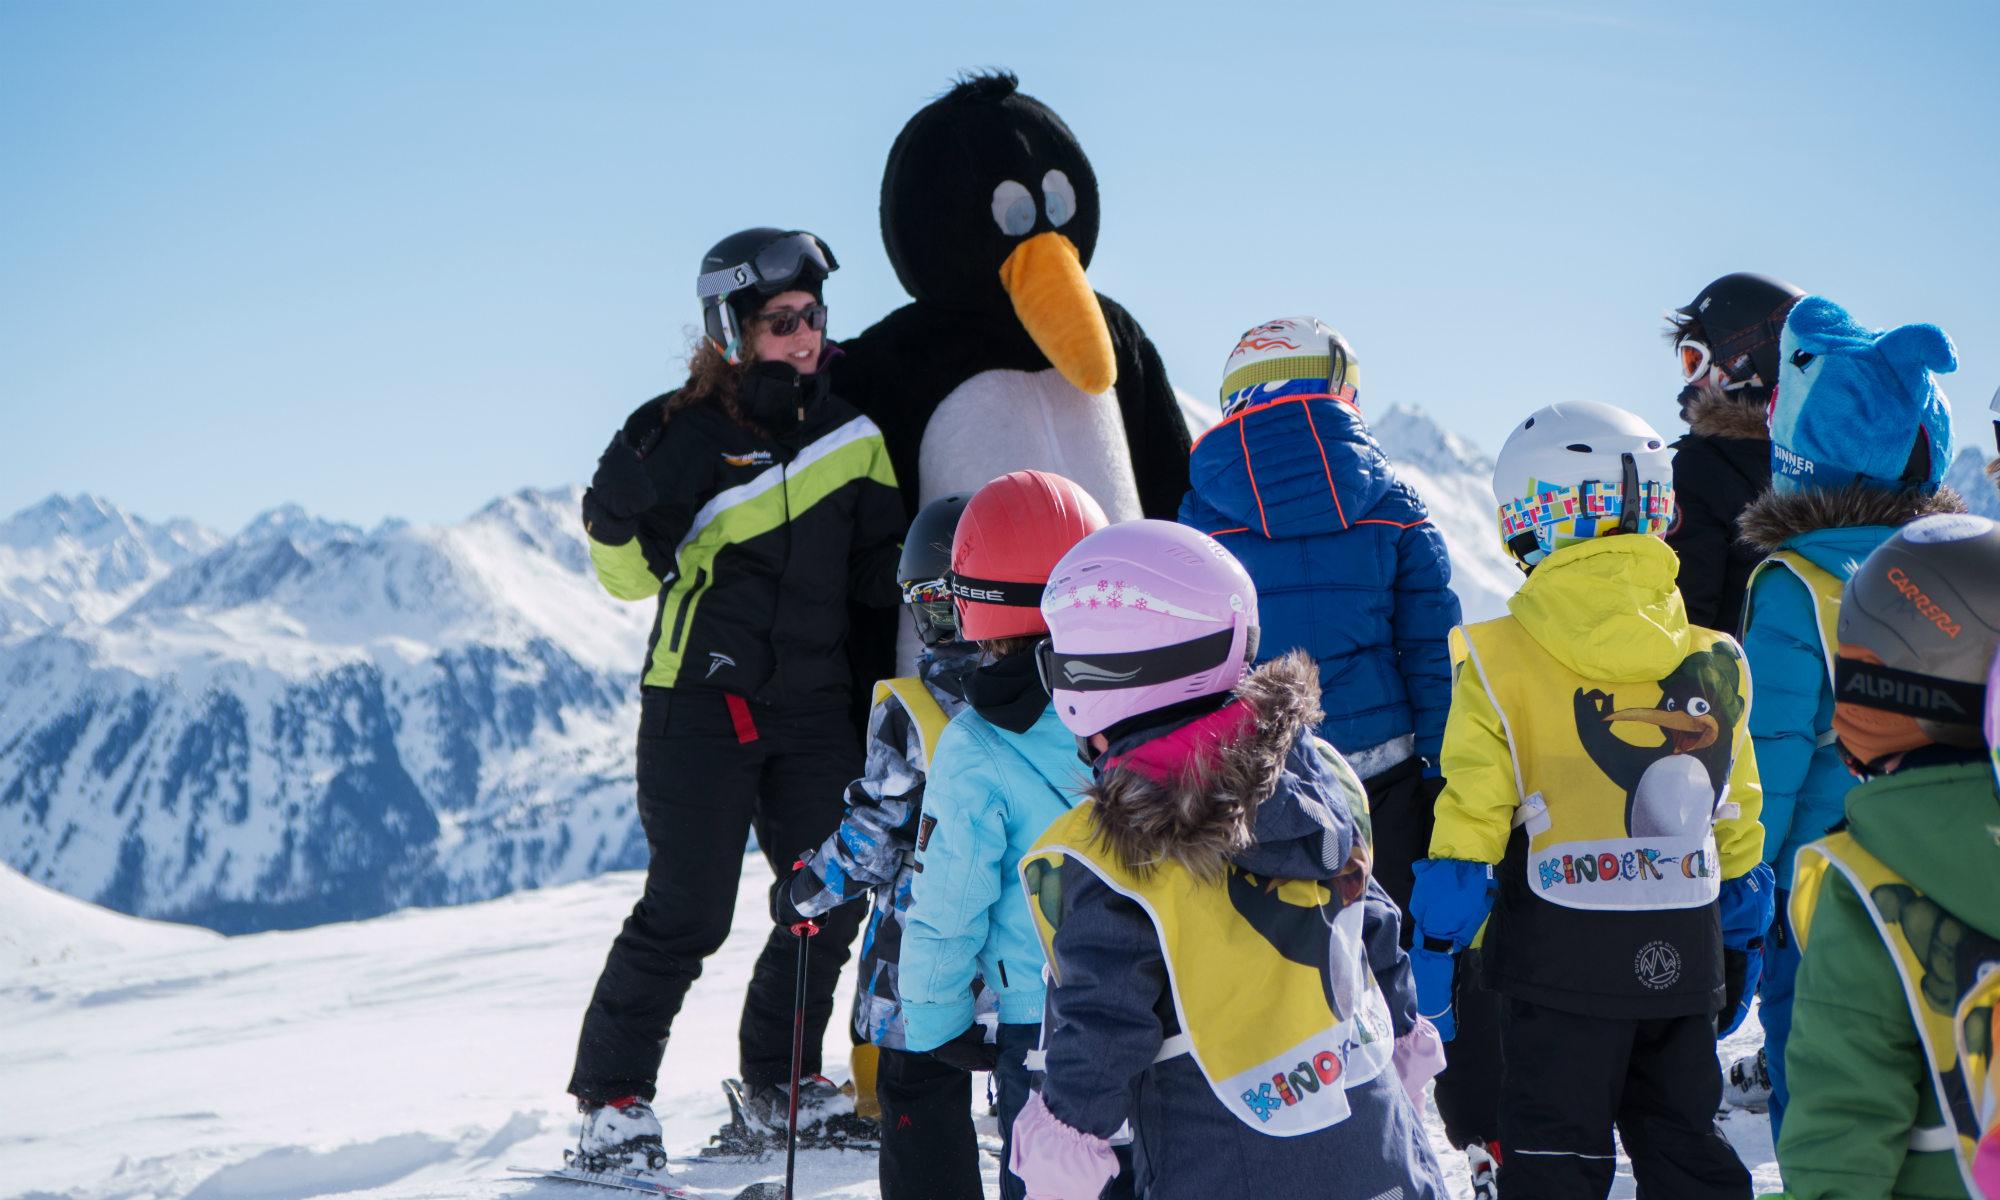 Un cours de ski pour débutants avec une mascotte.